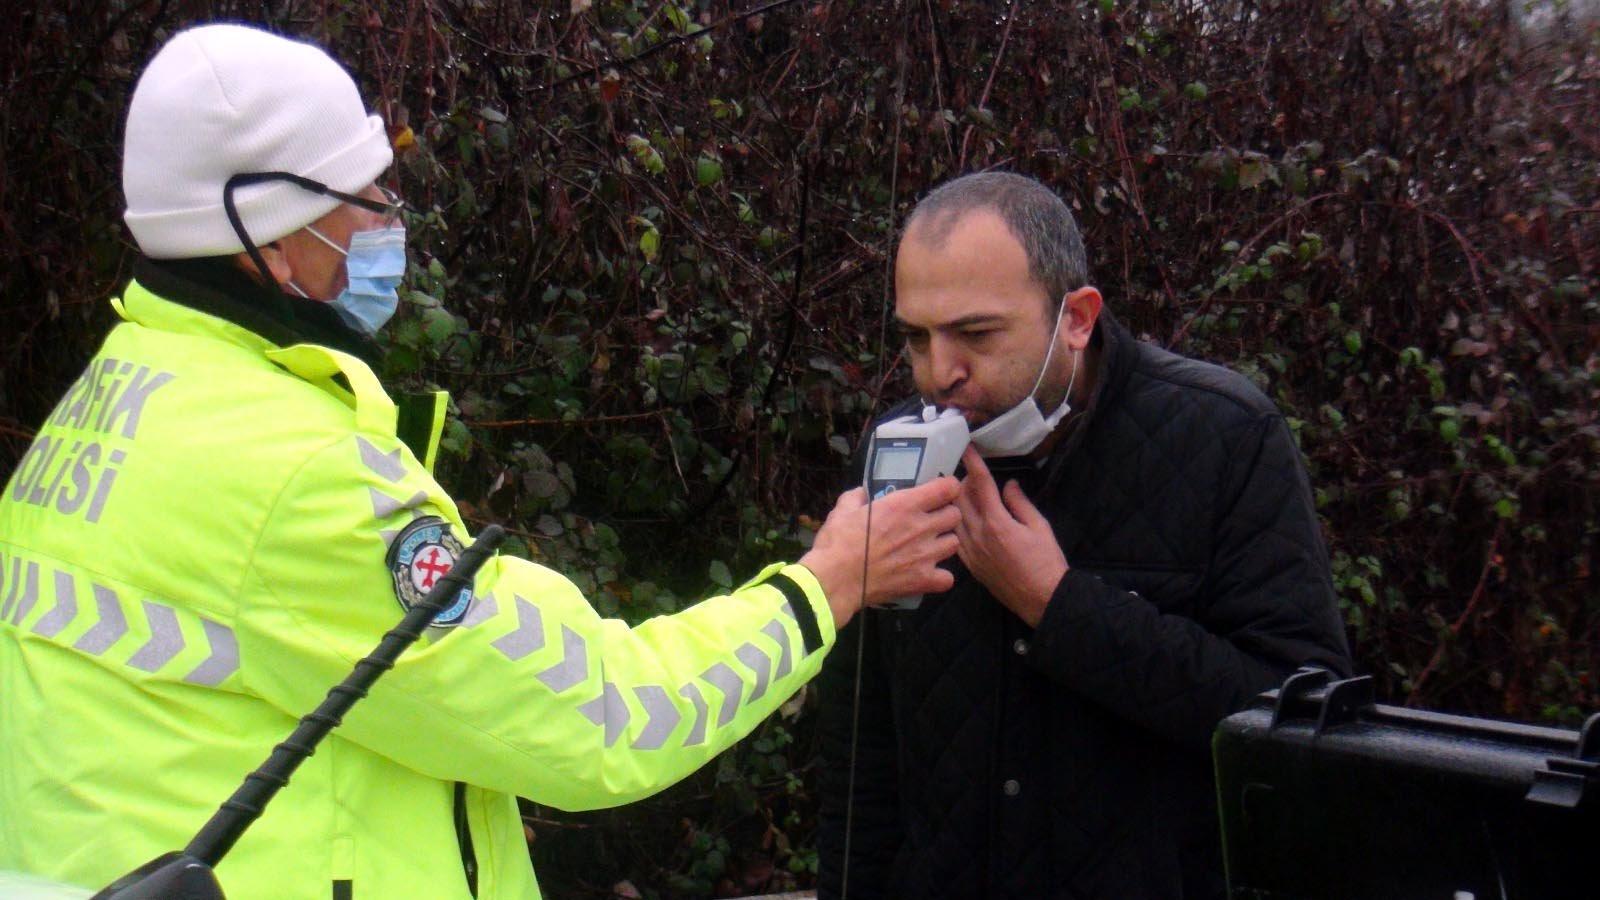 Alkollü sürücünin kurnazlığını görgü tanıkları ve gazeteciler boşa çıkardı